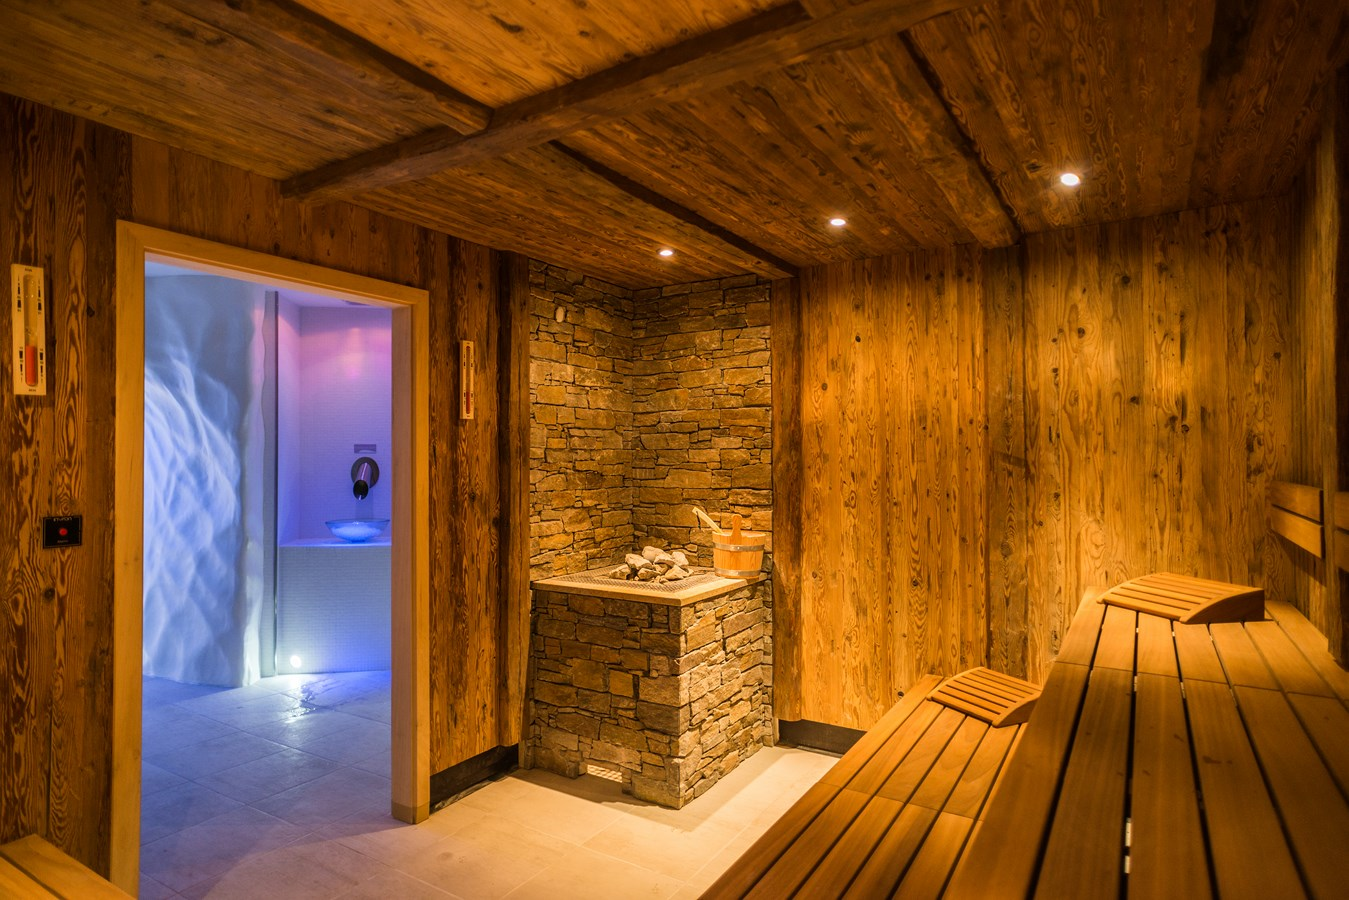 saunavitalspa